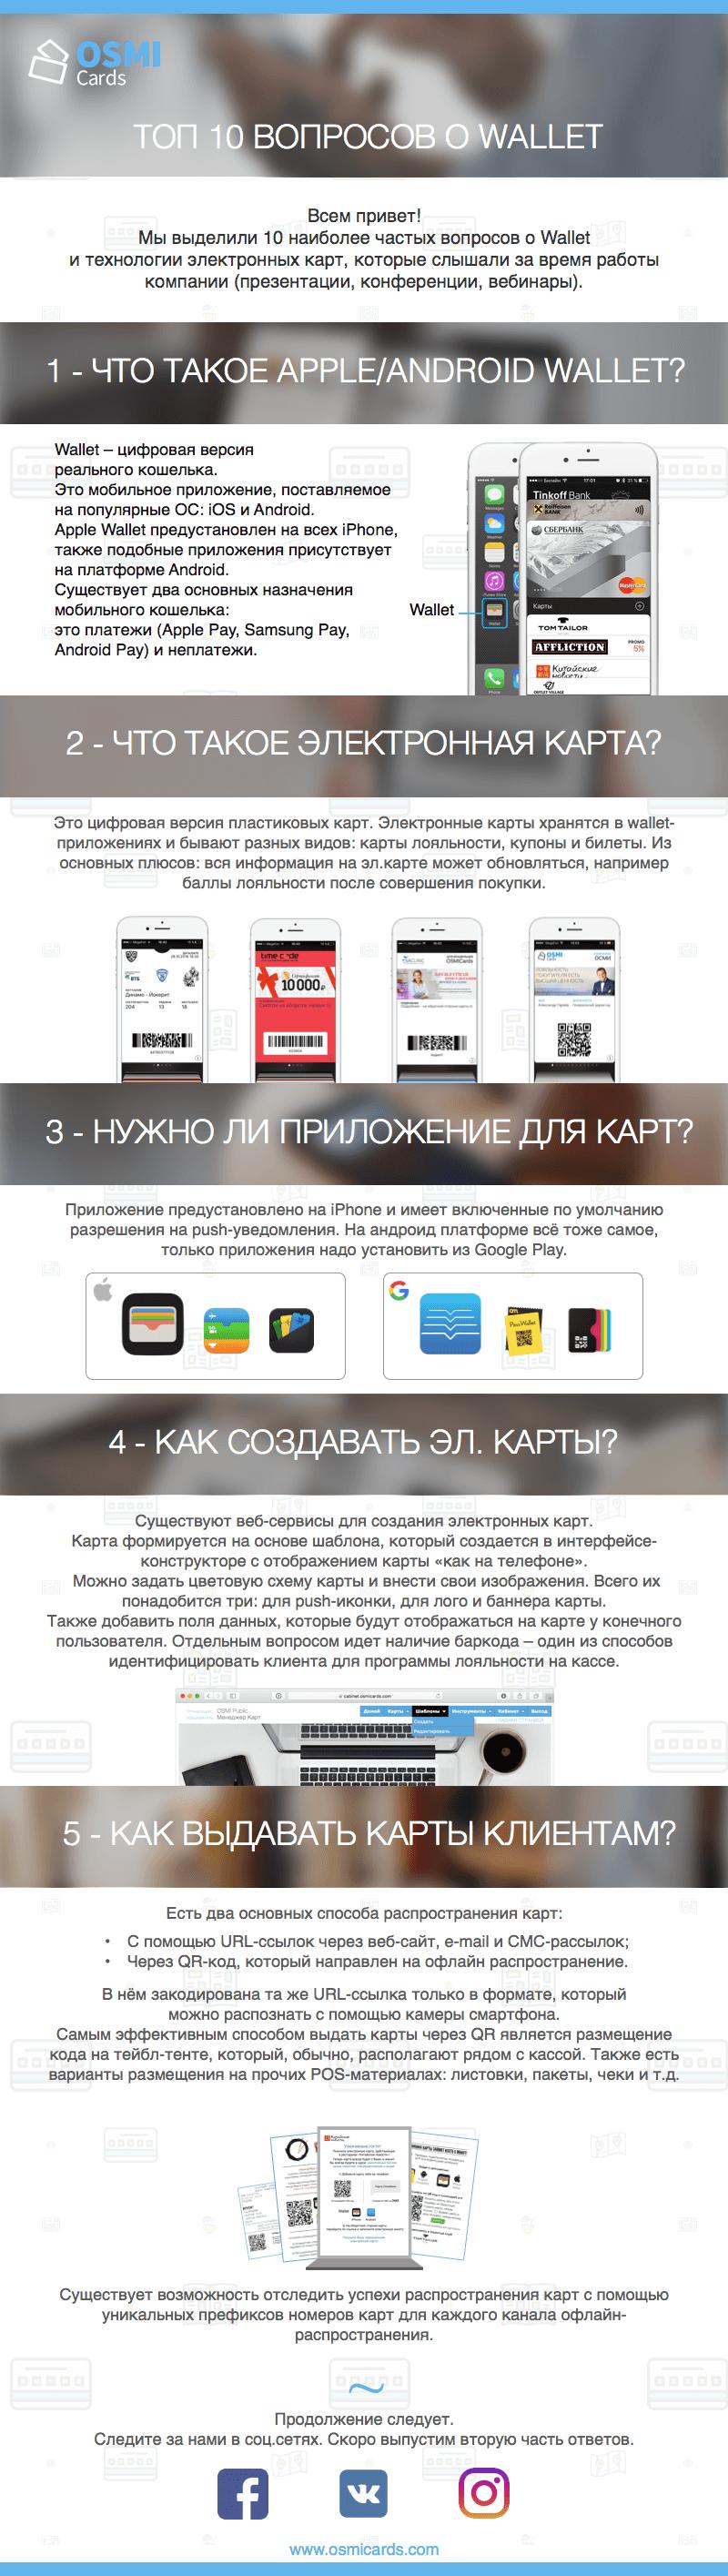 наиболее частых вопросов о Wallet и технологии электронных карт